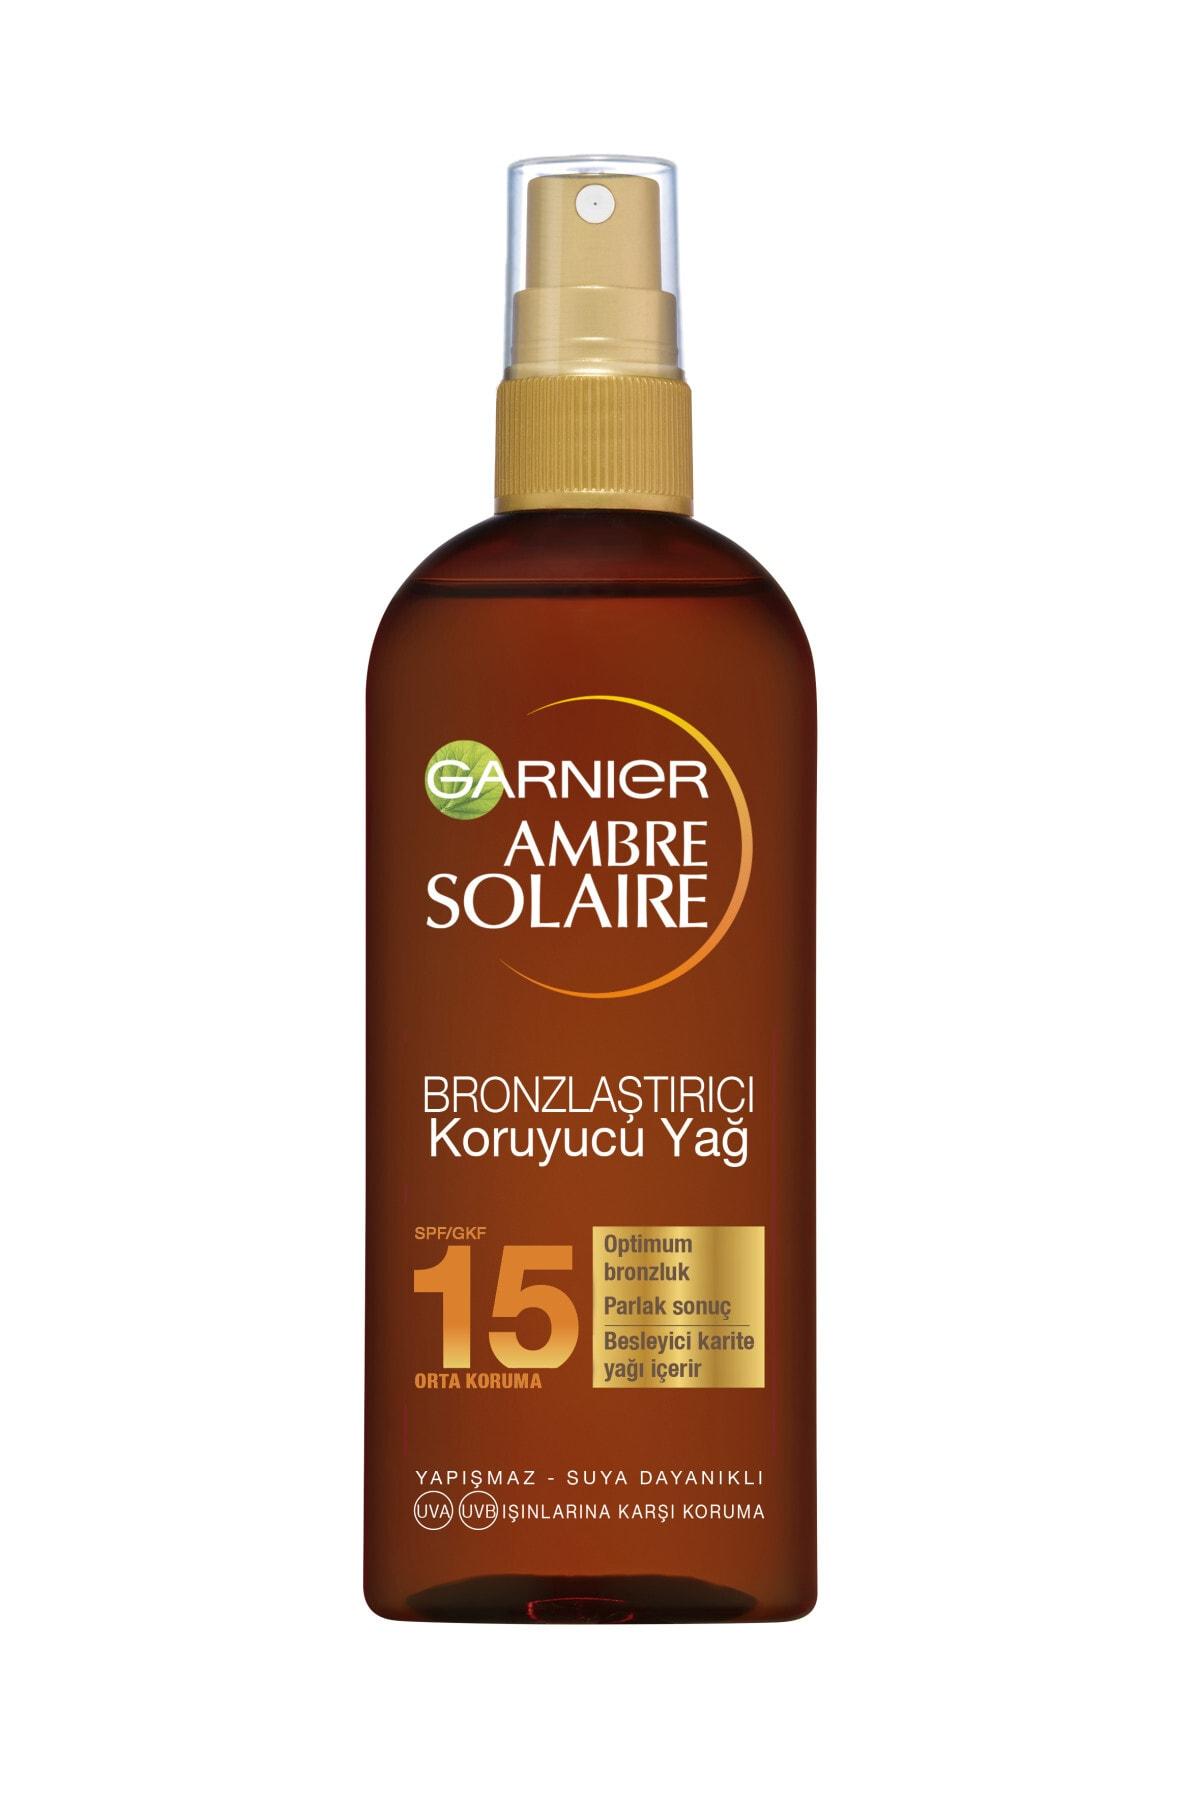 Garnier Ambre Solaire Bronzlaştırıcı Koruyucu Yağ Spf15 150ml 1